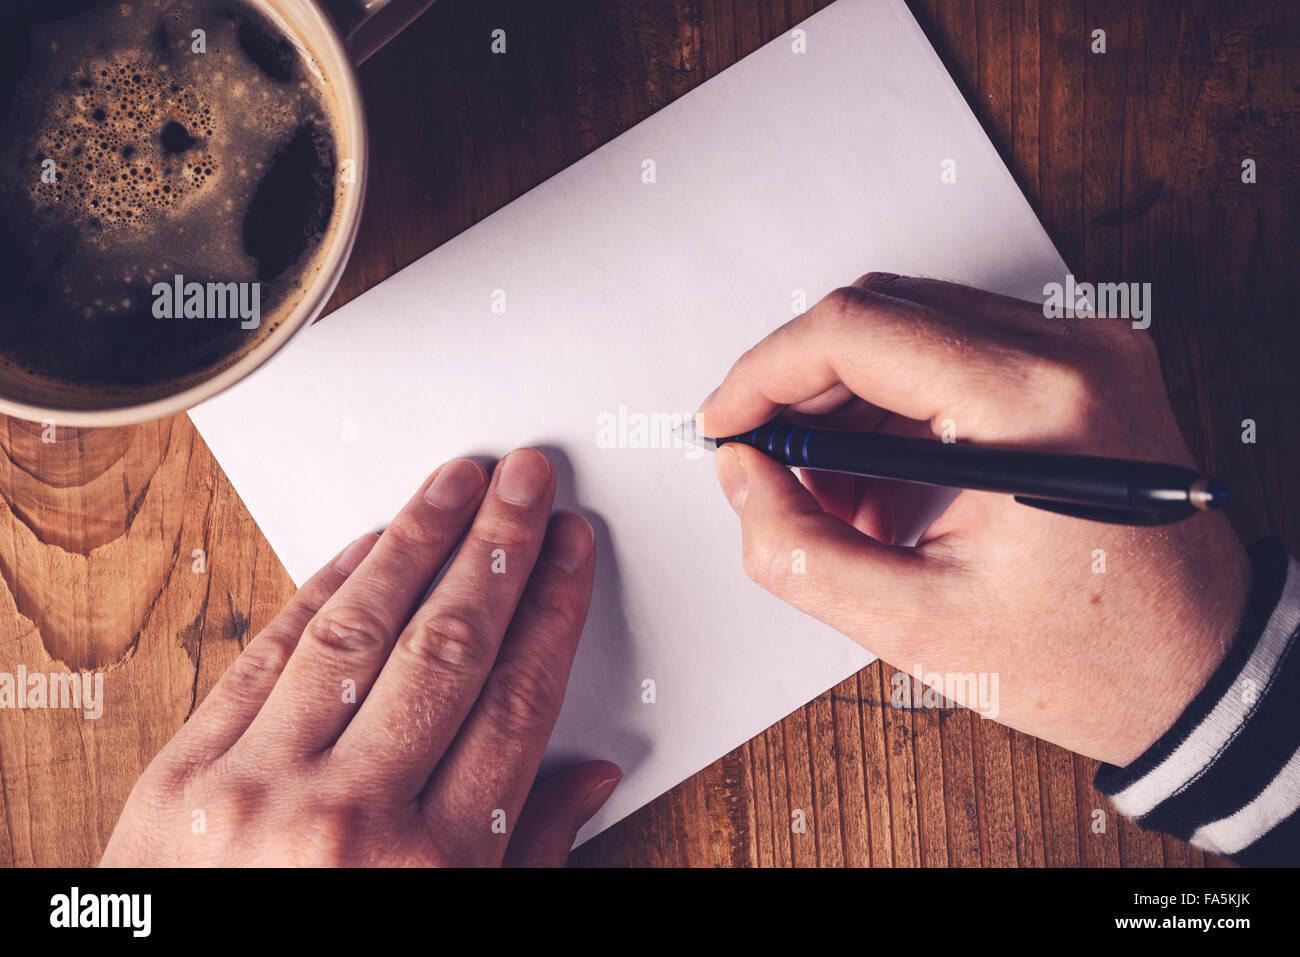 Frau Trinkt Kaffee Und Briefe Schreiben Draufsicht Des Weiblichen